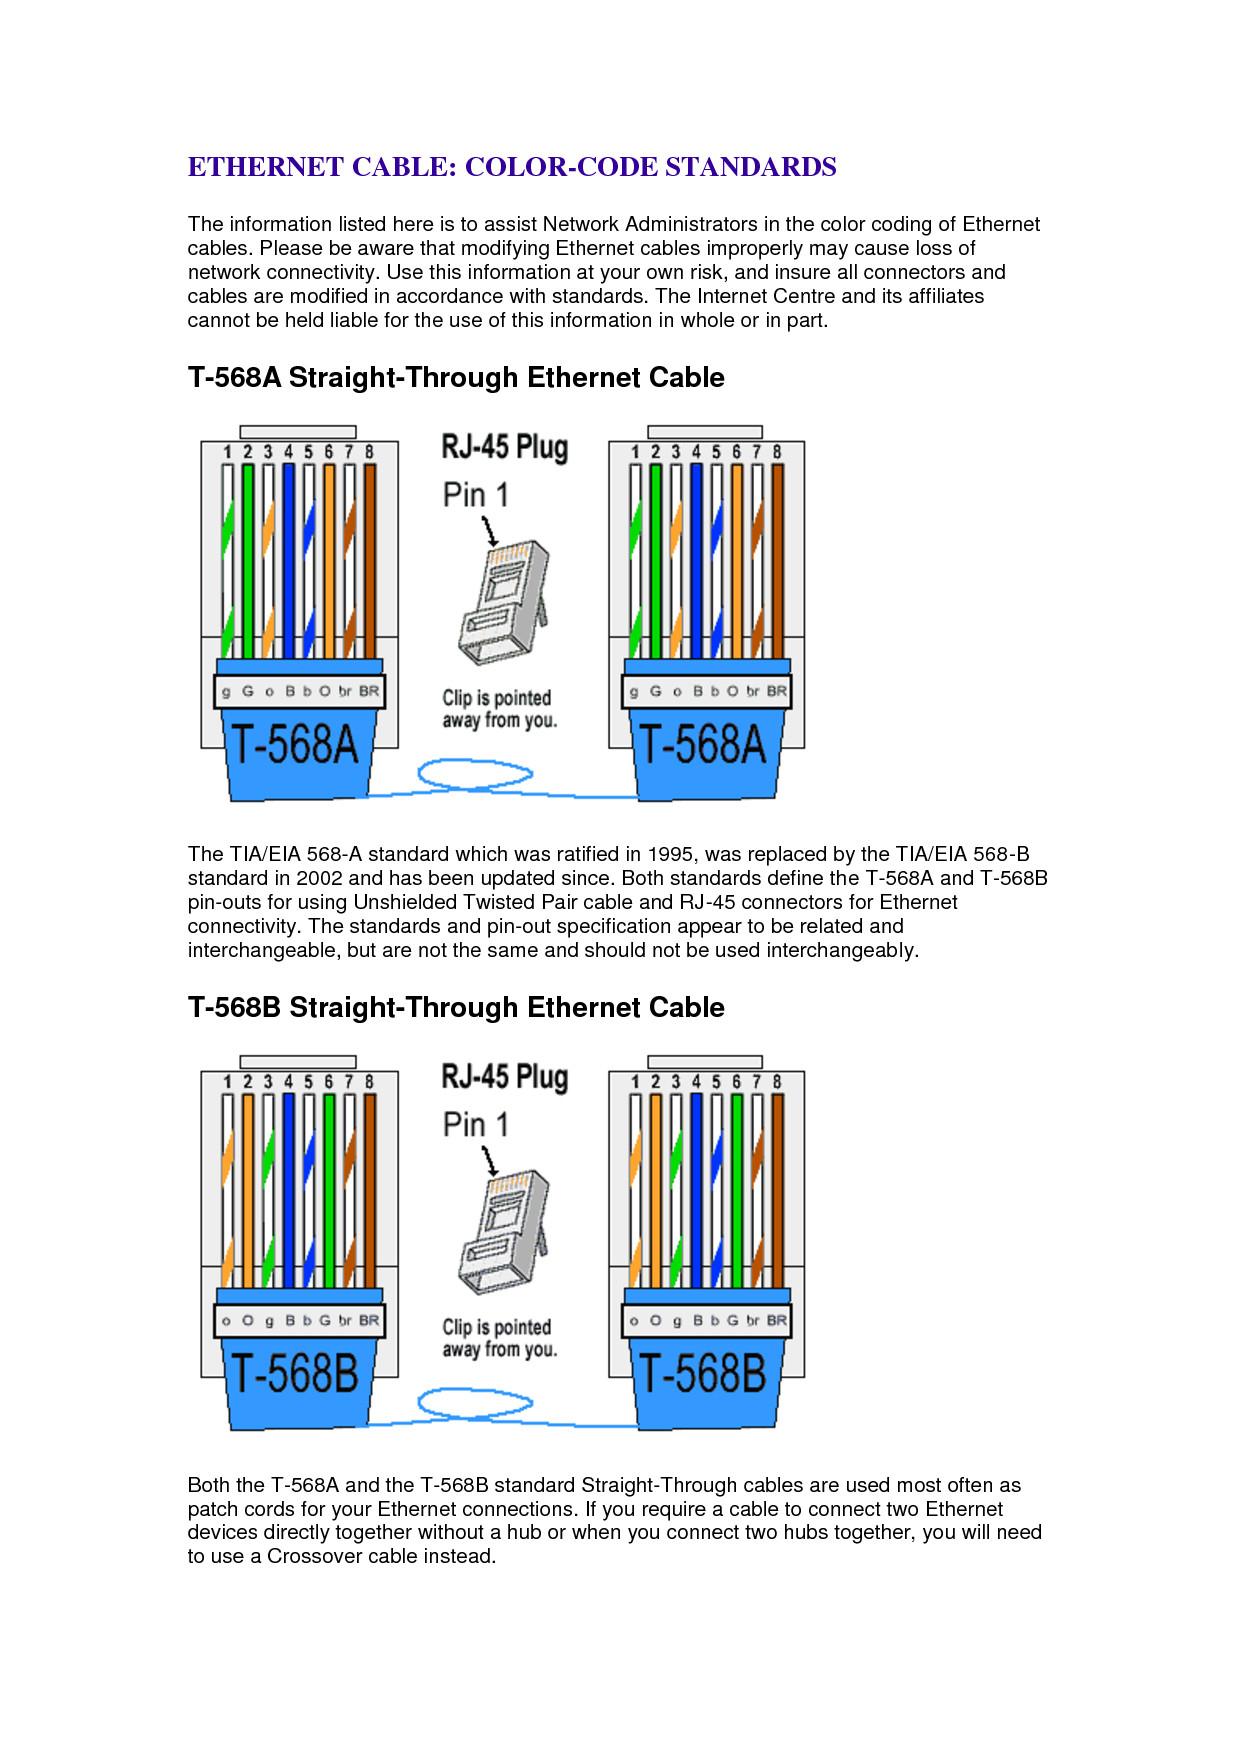 Att Cat5 Wiring | Best Wiring Library - Att Uverse Cat5 Wiring Diagram